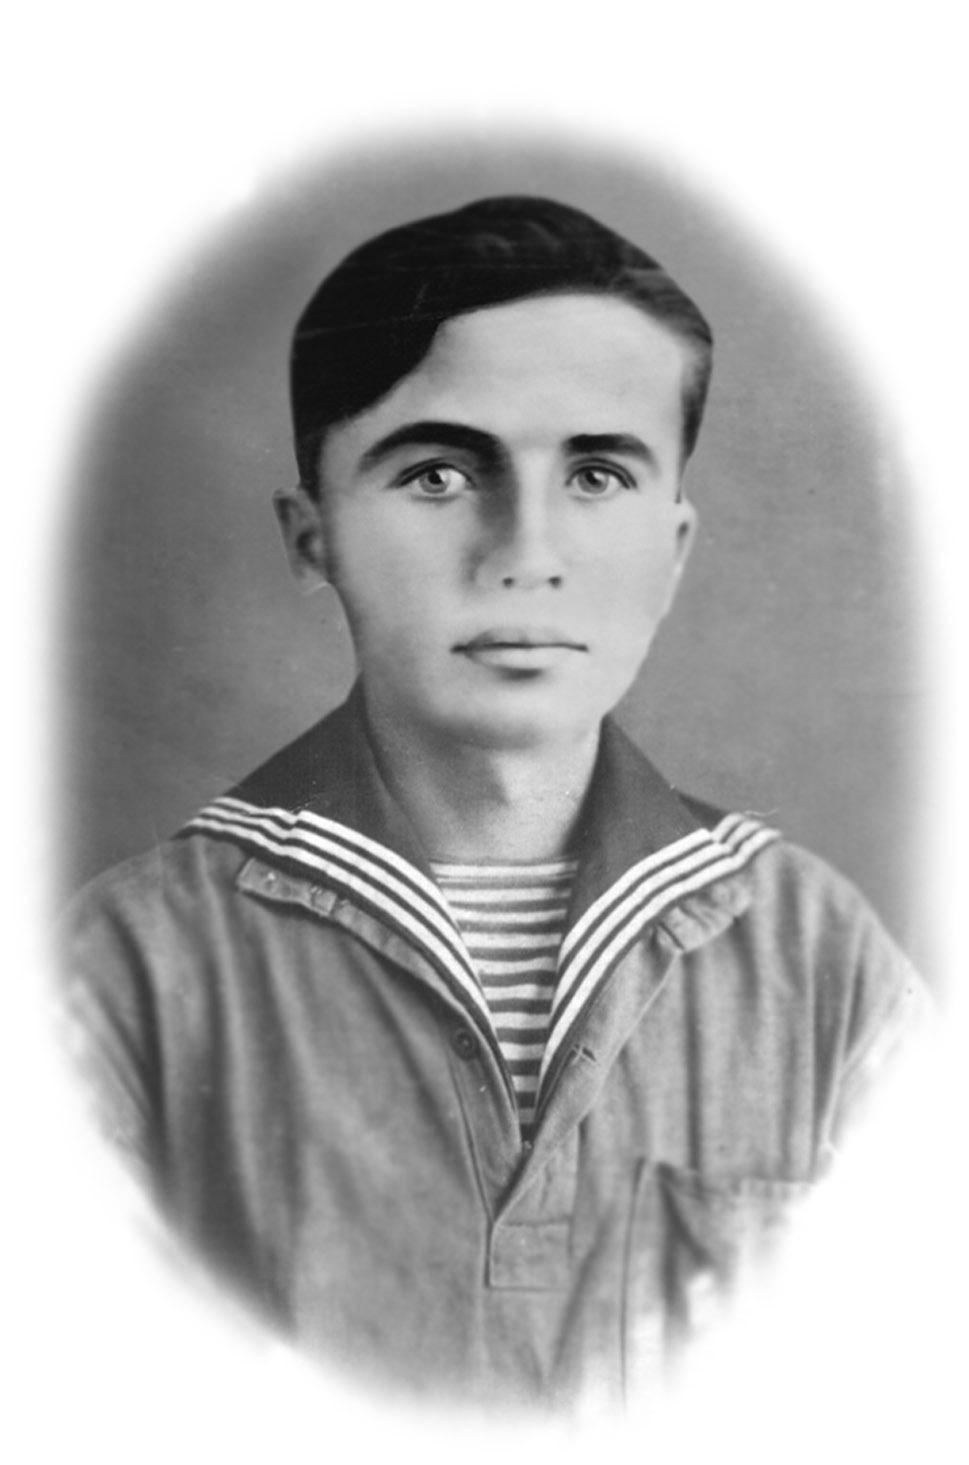 Борис Иванович Елисеев 1923 года рождения, краснофлотец,рота разведчиков 74 отдельной морской стрелковой бригады. Участник обороны Москвы. Погиб 6 февраля 1941 гдоа под Старой Руссой.